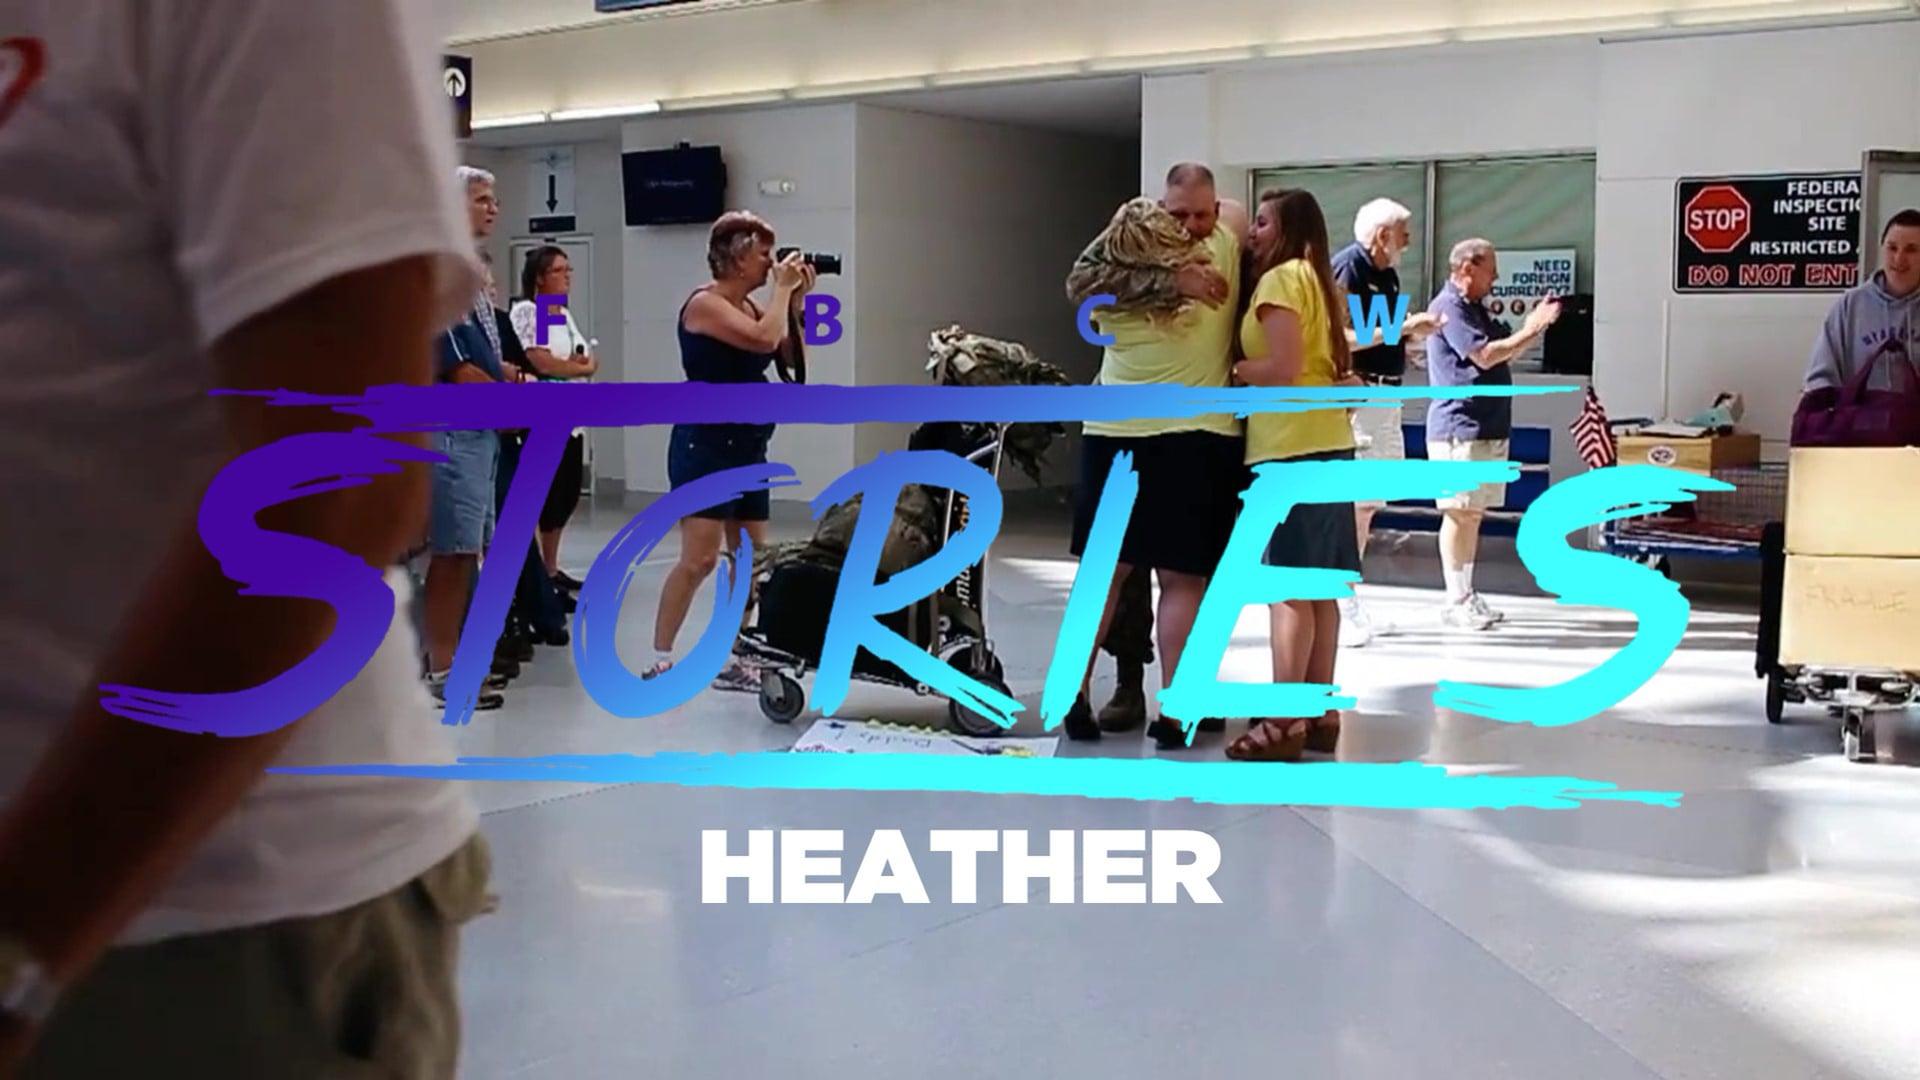 FBCW Story: Heather